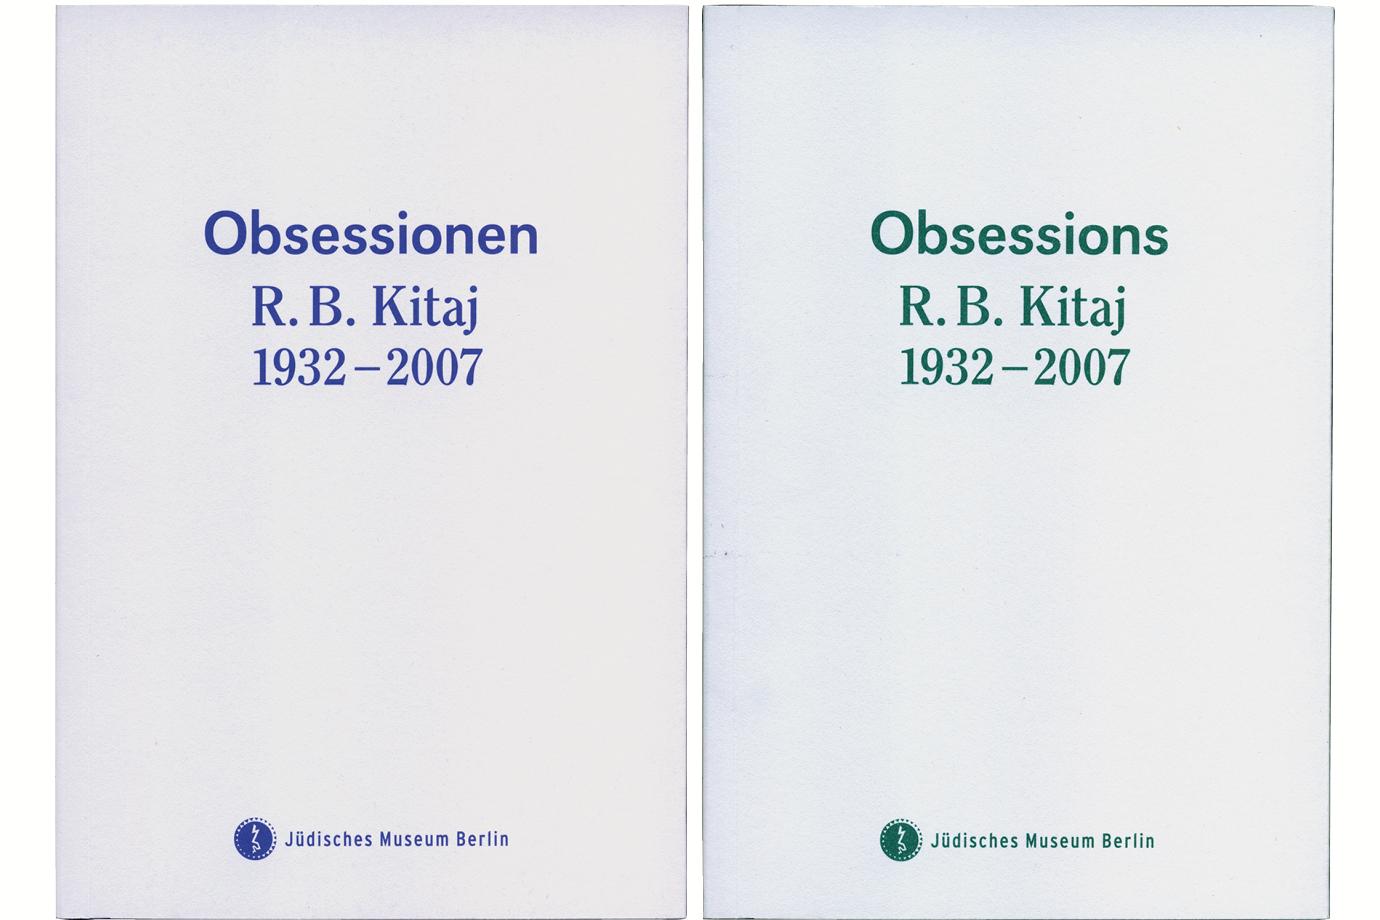 http://e-o-t.de/wordpress/wp-content/uploads/2017/06/eot-2012-Kitaj-Booklets-1.jpg